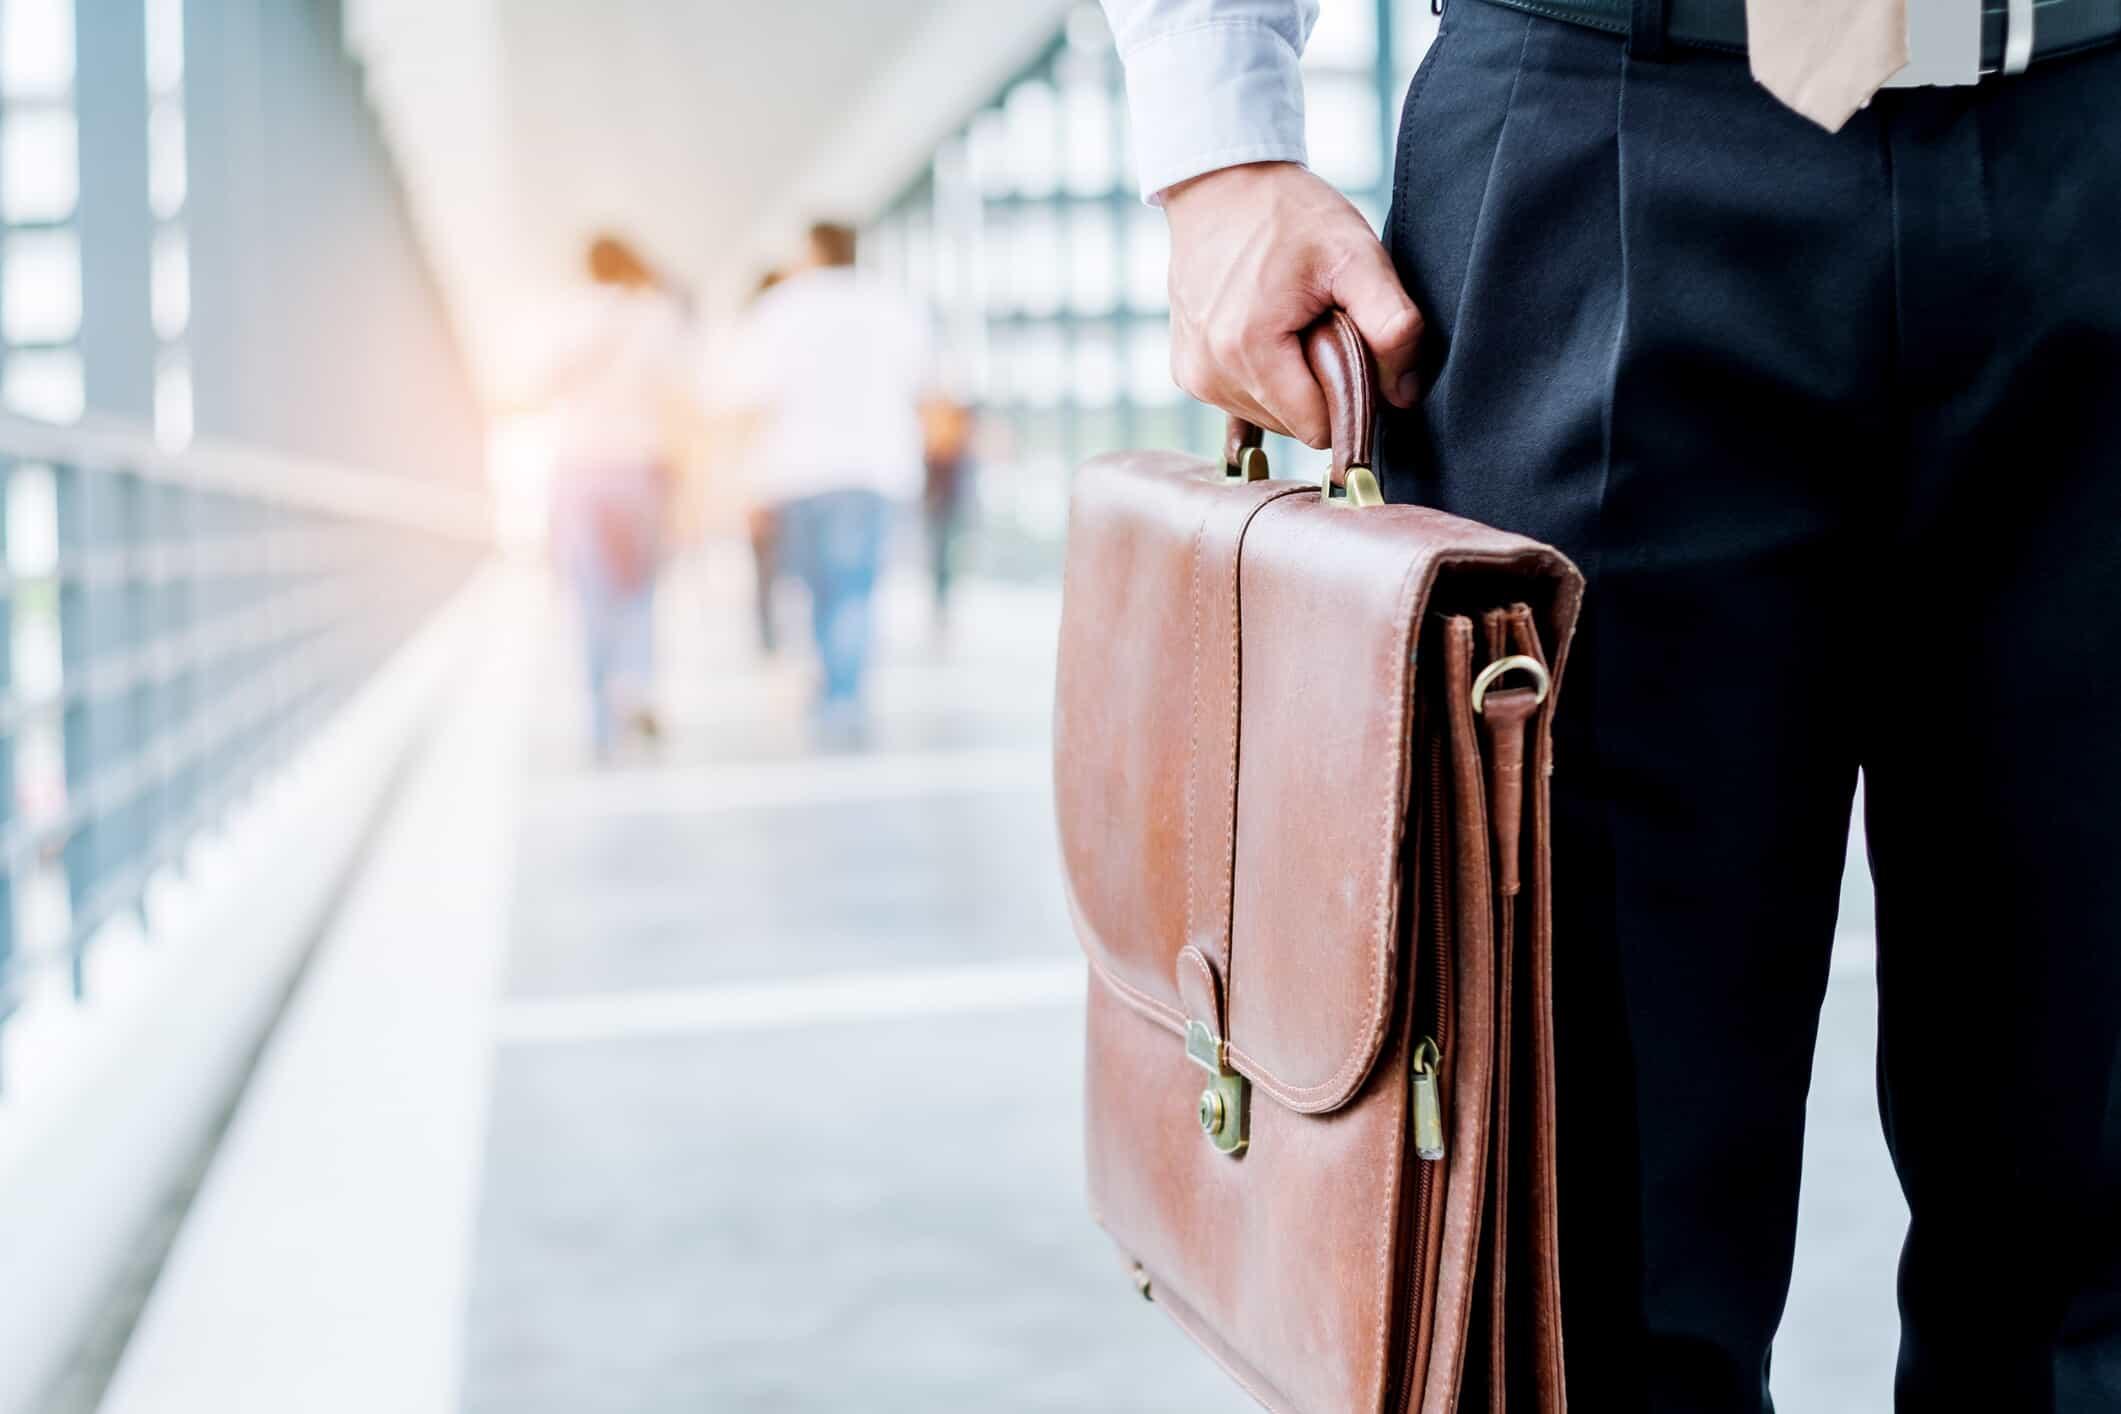 Изображение 4 инвестиционные стратегии, которые помогут защитить ваш портфель от инфляции